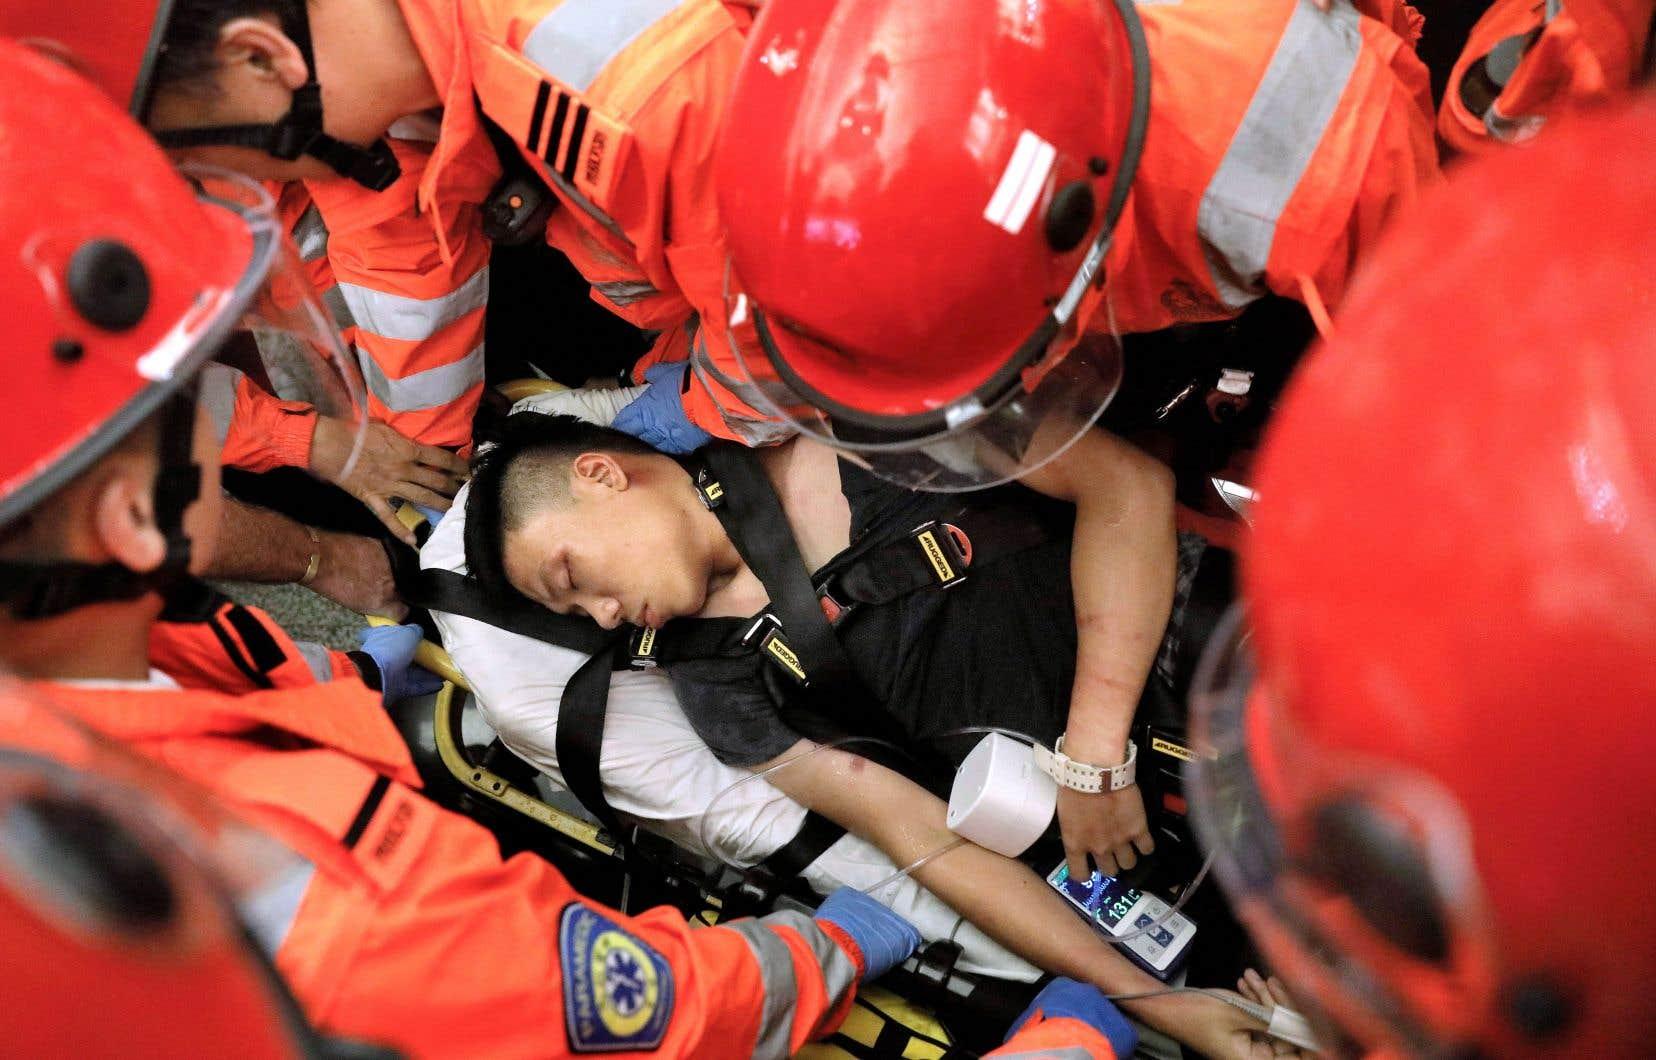 Les manifestants, qualifiés mercredi de «quasi-terroristes» par le gouvernement chinois, sont pris dans des affrontements de plus en plus intenses avec la police. Au point que Claudia Mo ne peut s'empêcher «de penser que Carrie Lam et son gouvernement attendent que quelqu'un meure».